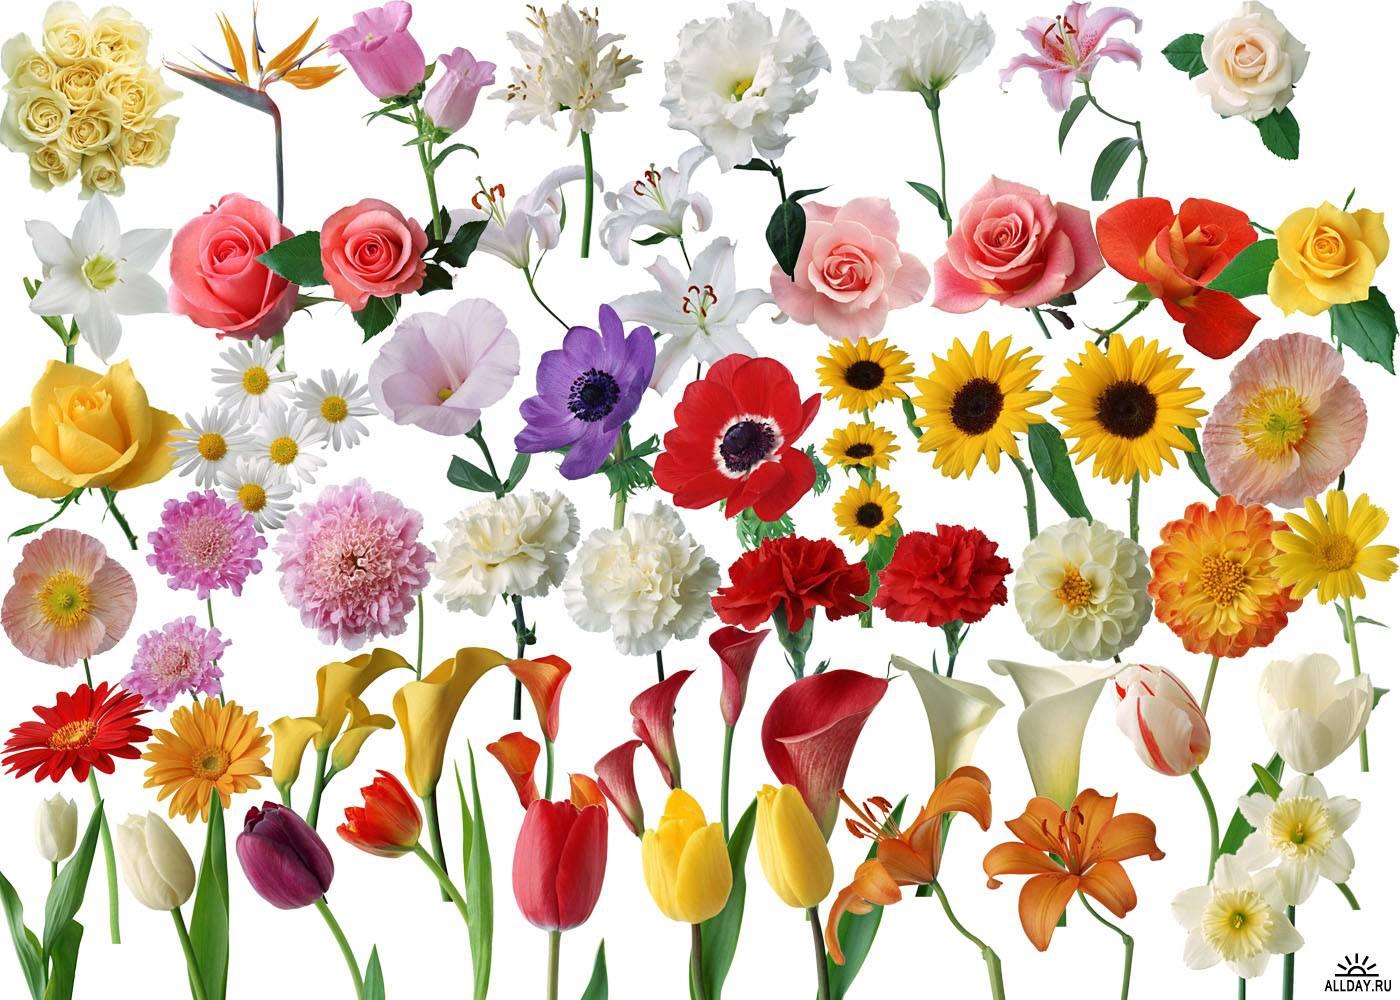 Фото разных цветов нарисованные